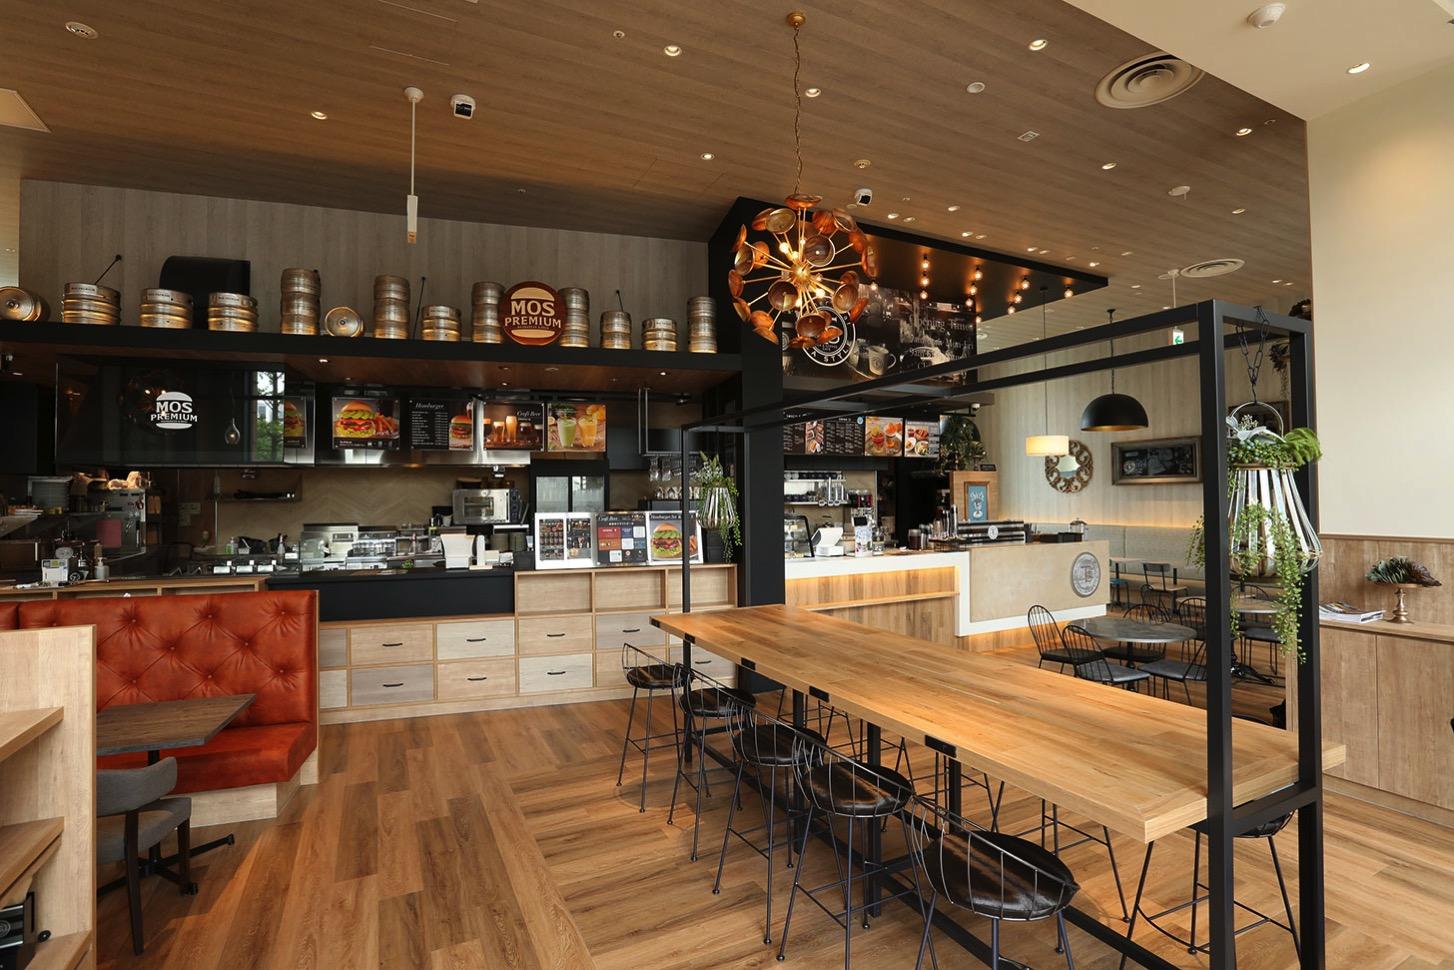 桜木町にモスプレミアムとマザーリーフティースタイルの複合店舗がオープン!